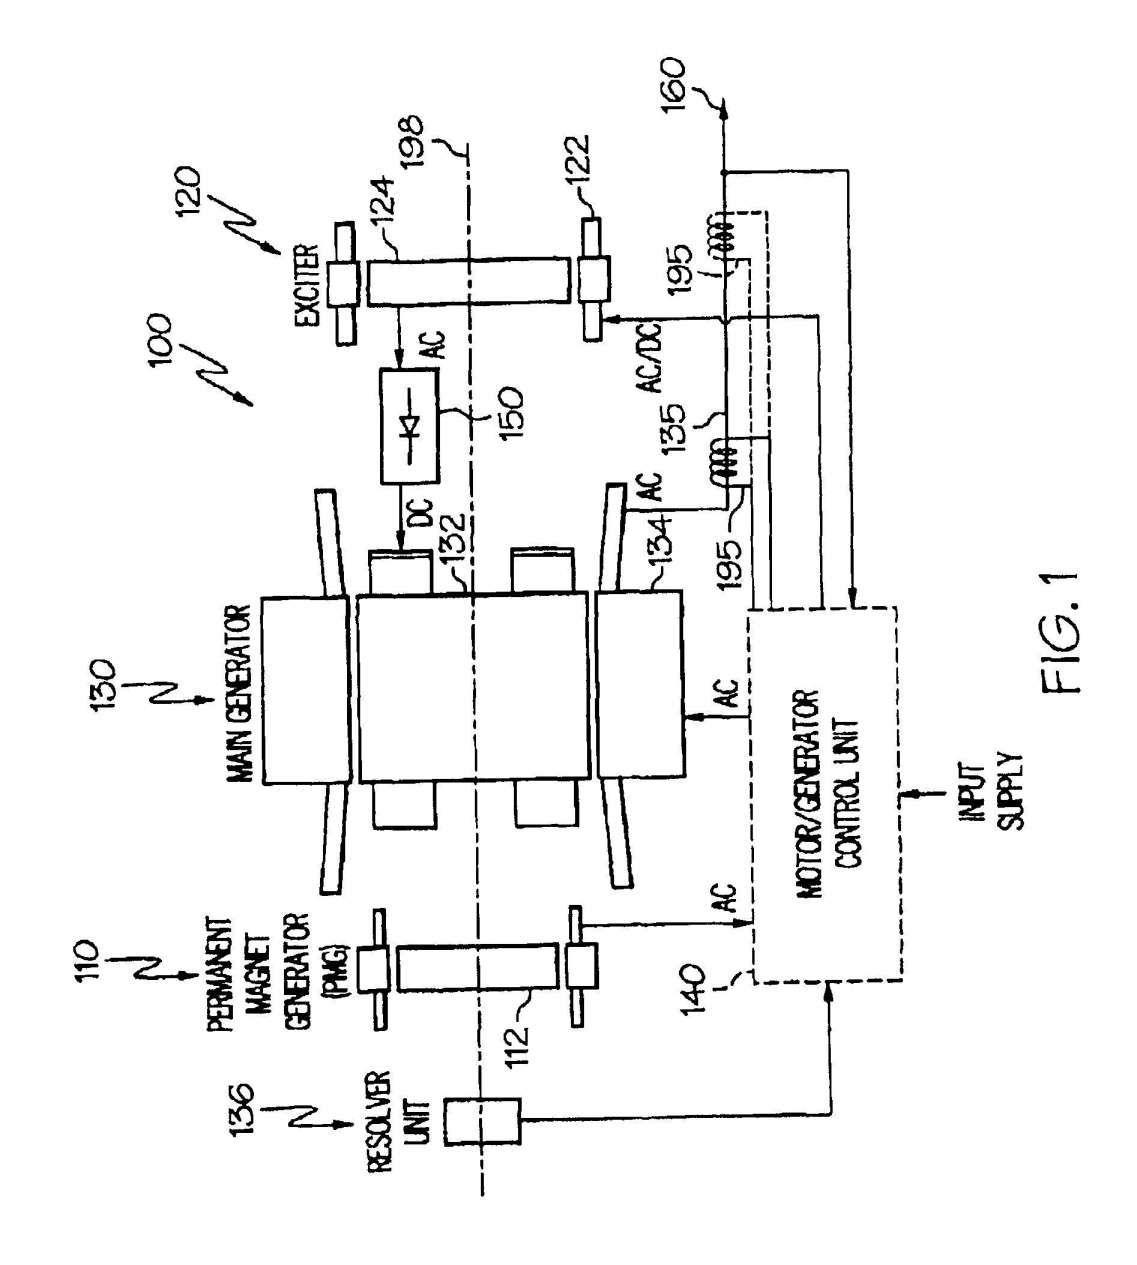 1971 Ford Starter Solenoid Wiring Diagram Schematic